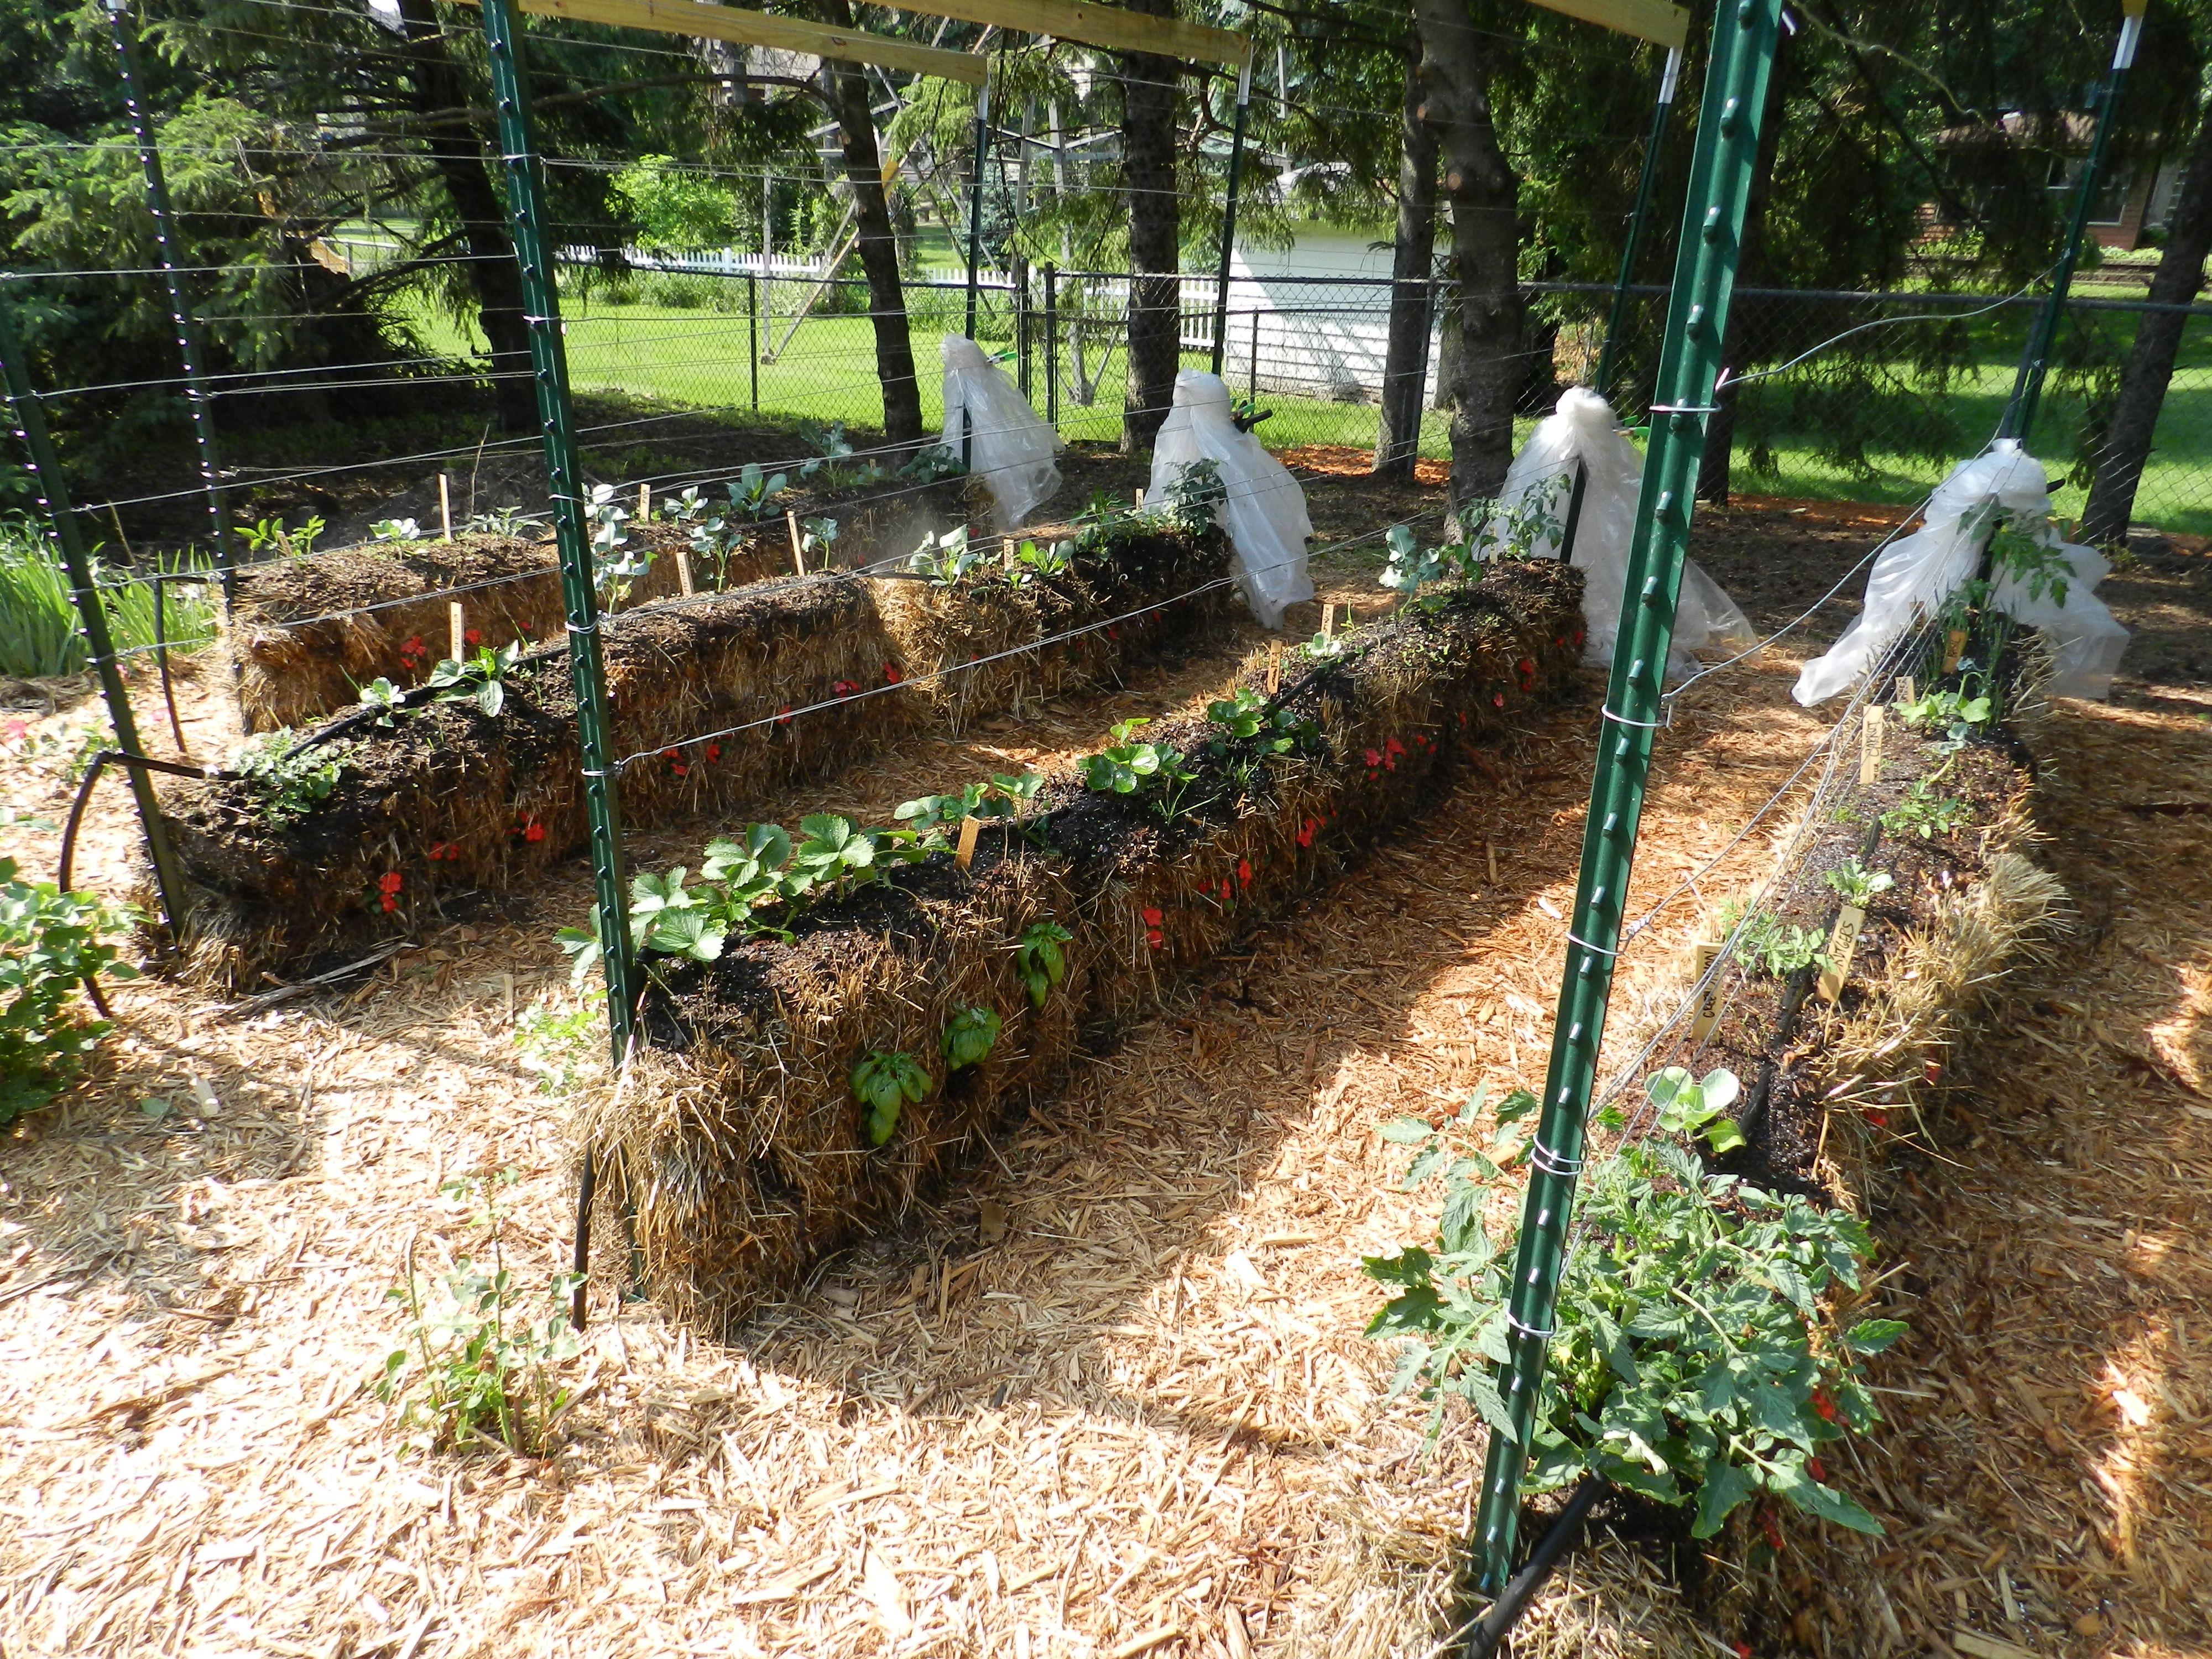 ffe7273398fe8aa6d9e85a4292494ad8 - Straw Bale Vs Hay Bale Gardening